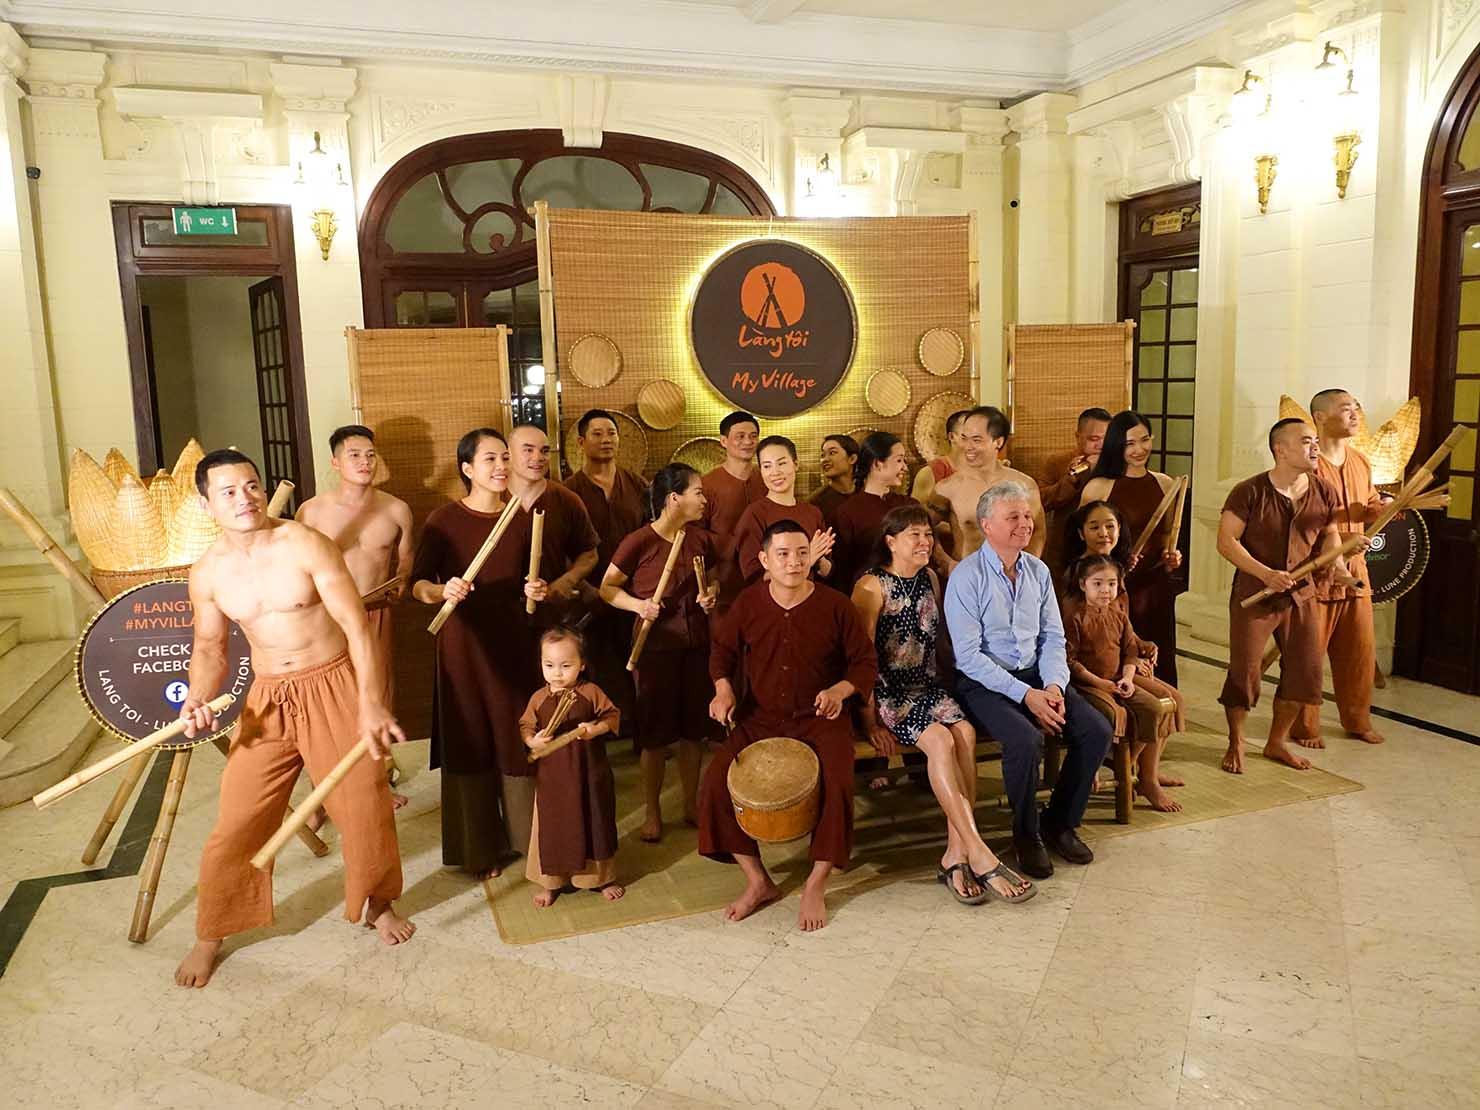 ベトナム・ハノイ旧市街の観光スポット「オペラハウス」で鑑賞できるバンブーサーカスのキャストたち